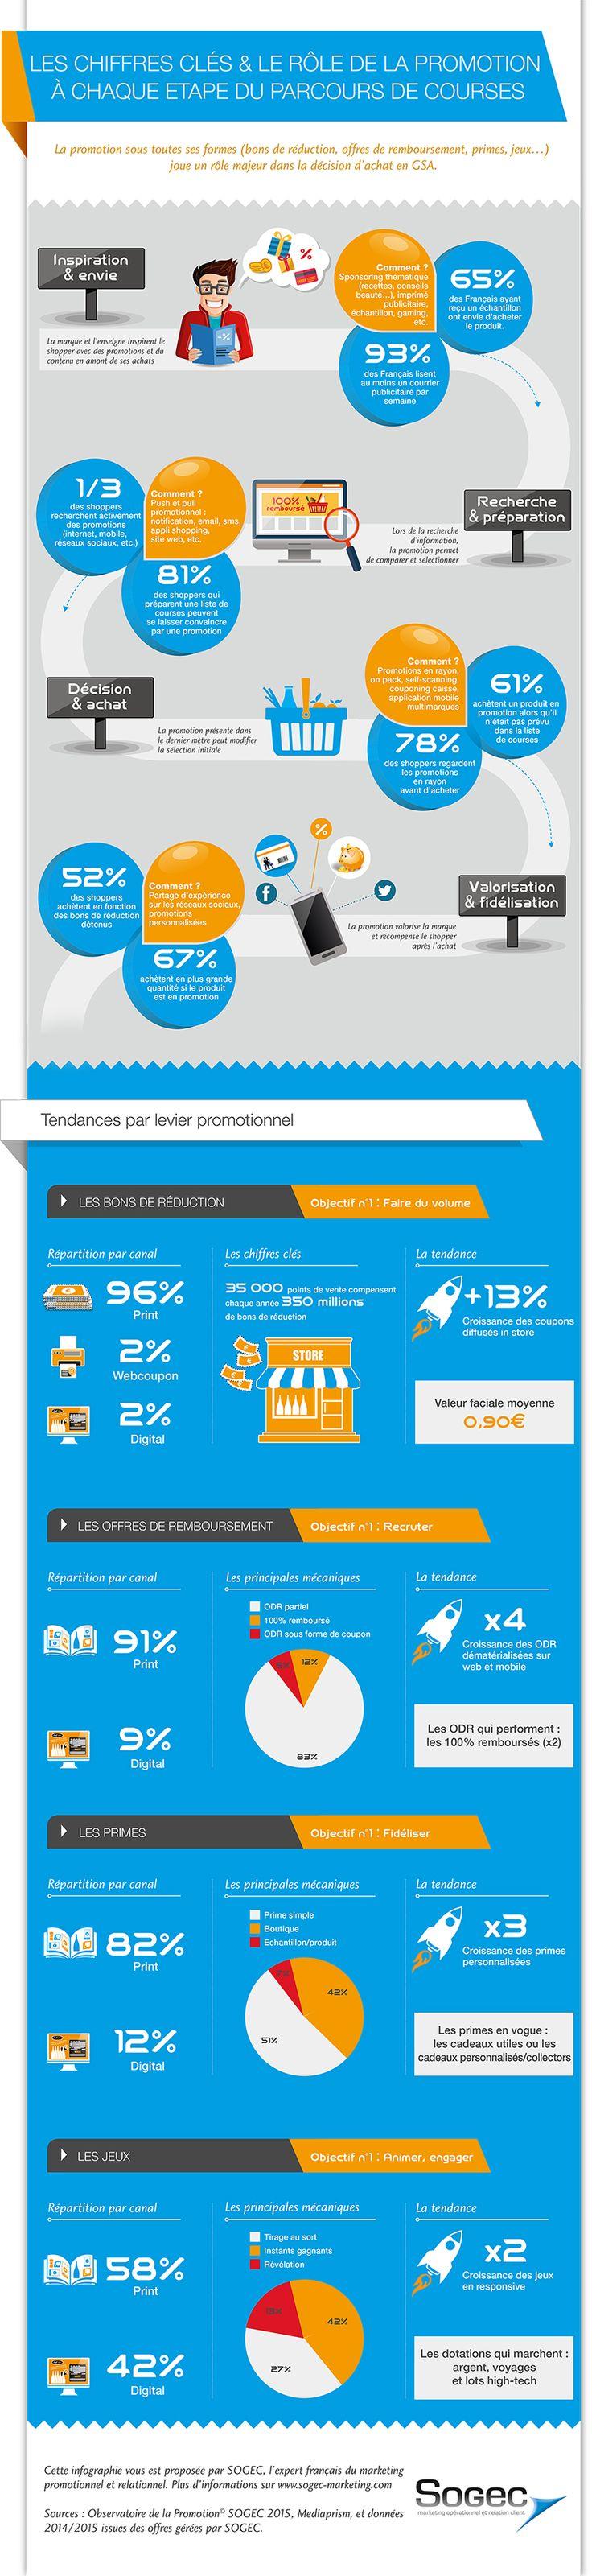 Promotions et parcours d'achat 2015